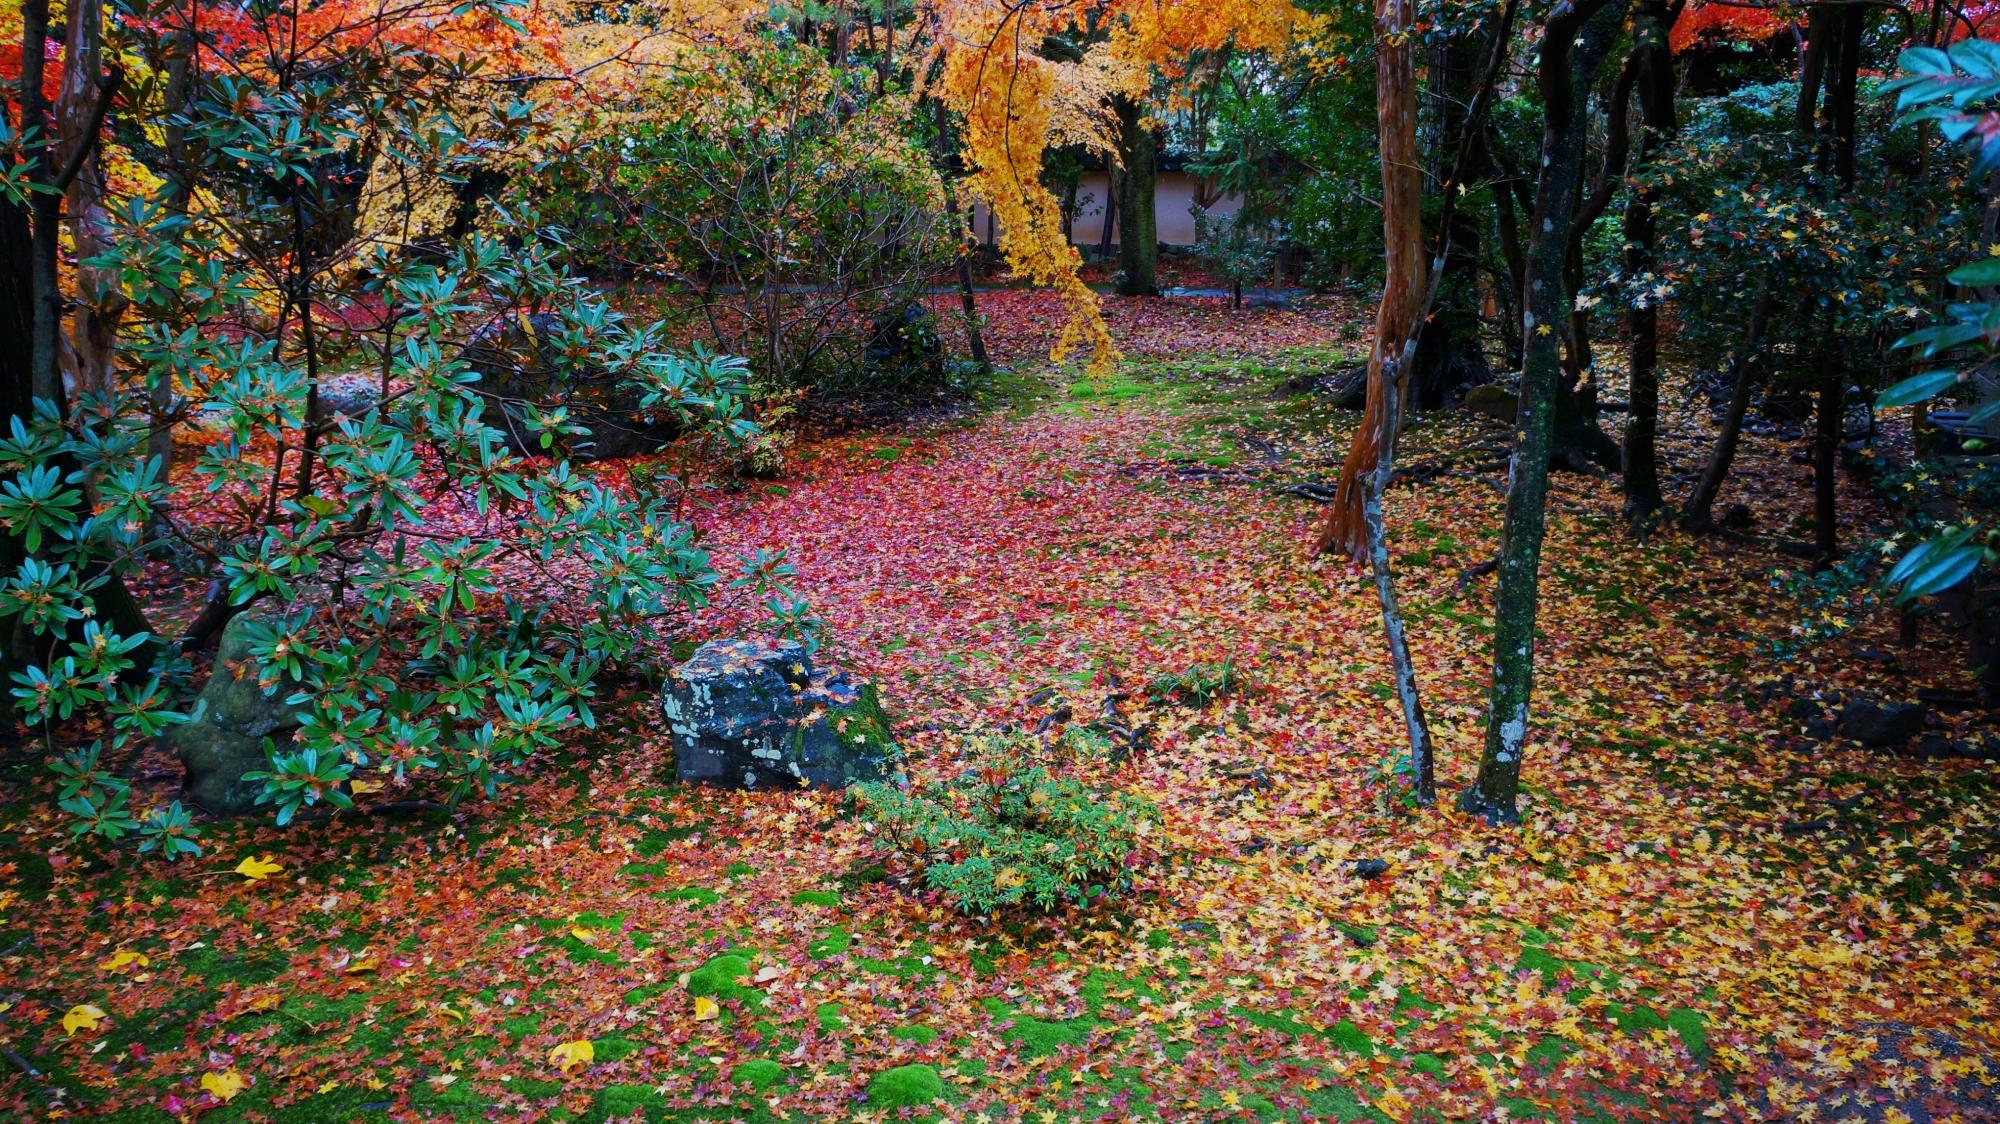 蓮華寺の秋色の優しい空間